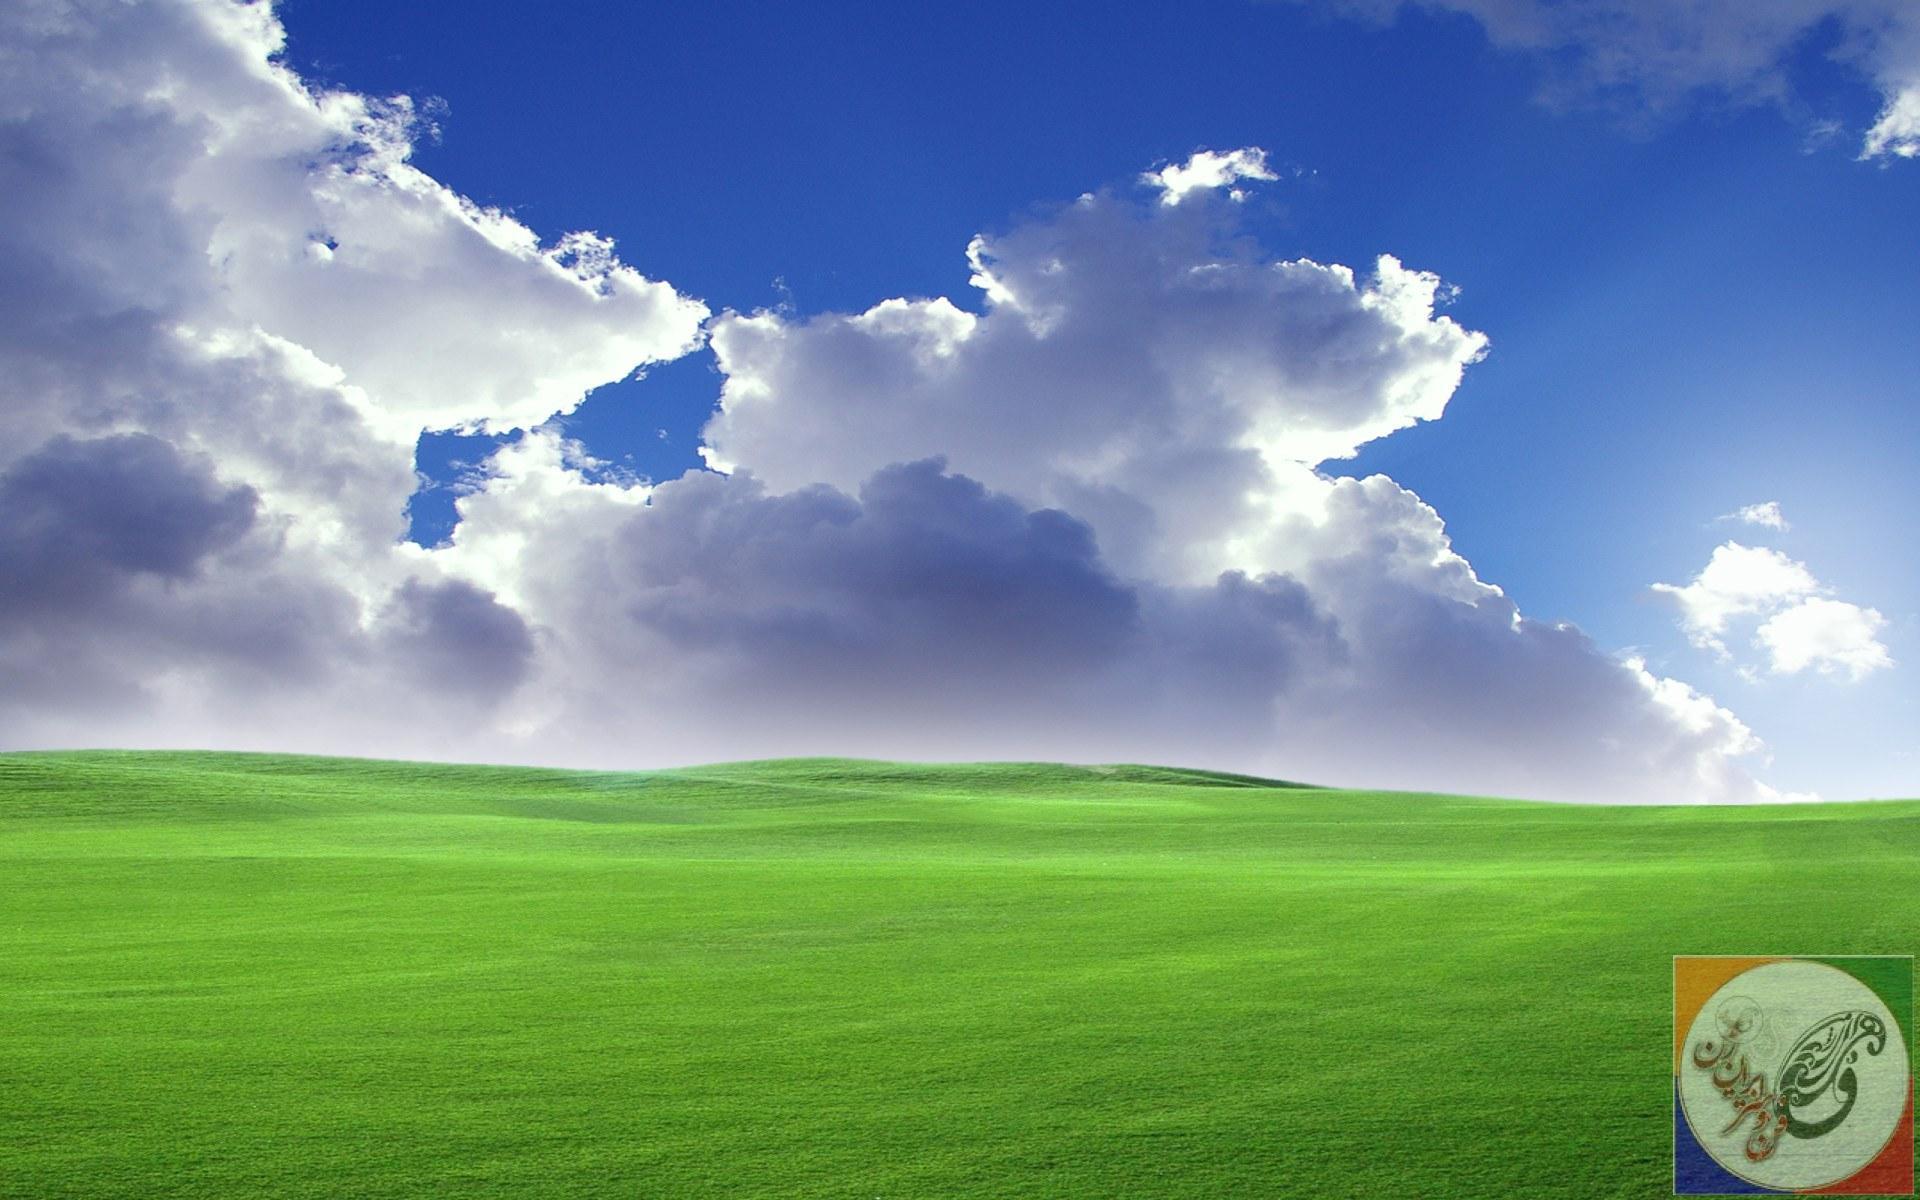 Nature, landsacpe, beautiful, wallpaper,